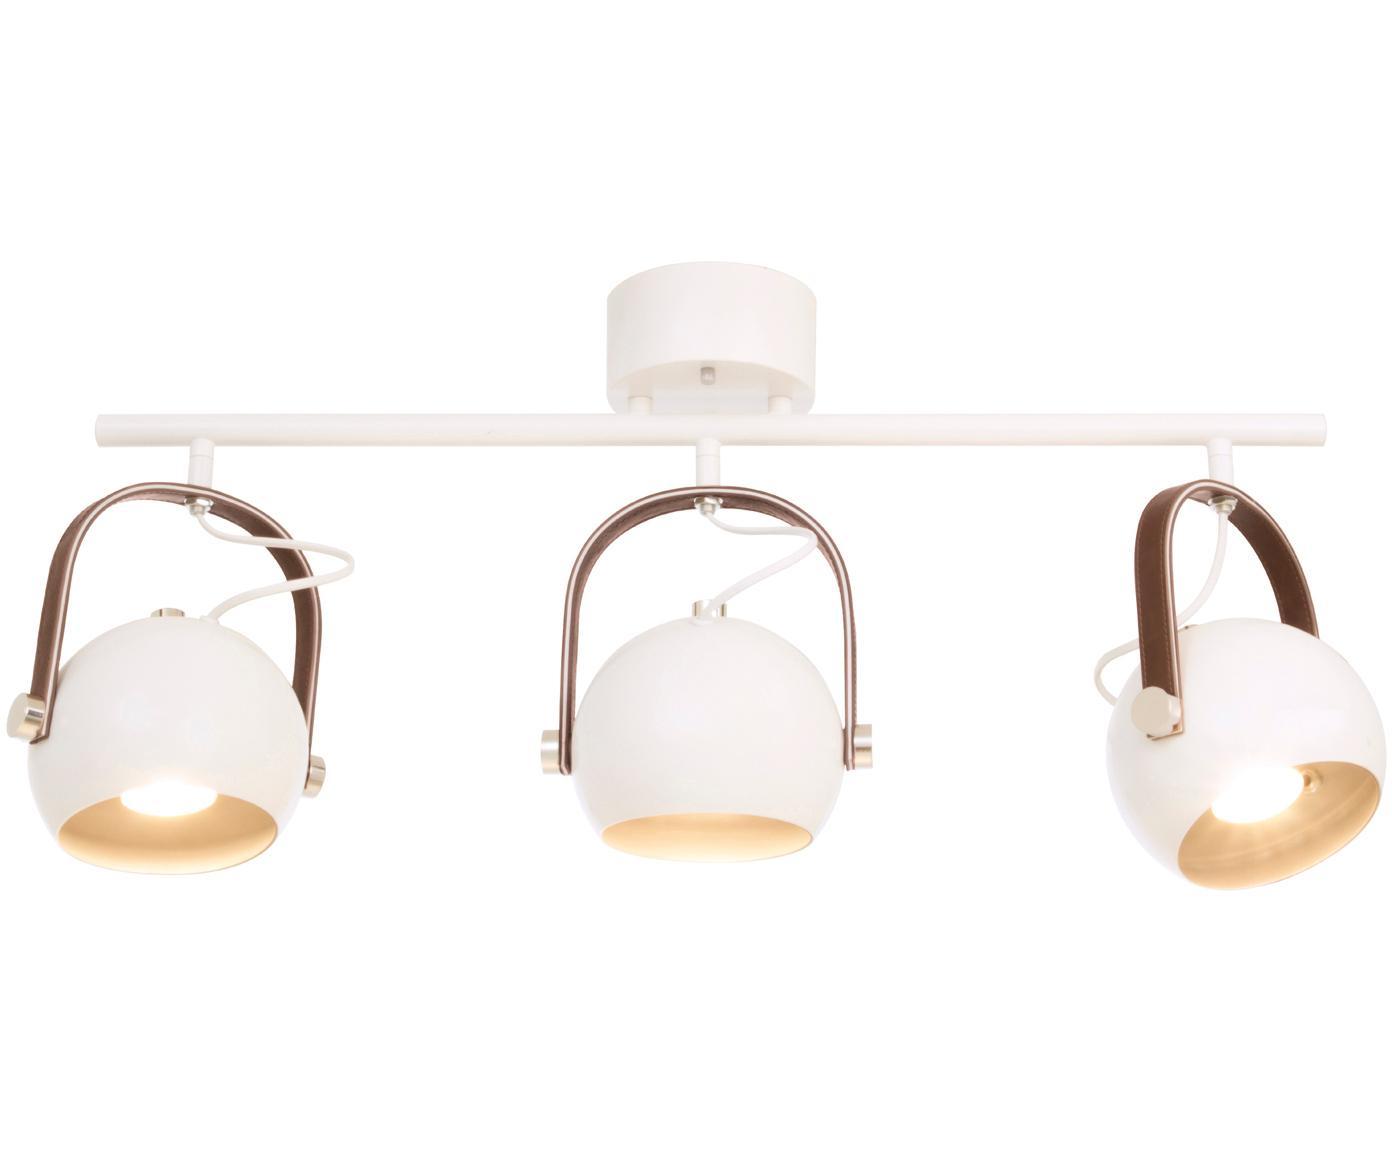 Lampa sufitowa industrial Bow, Biały, S 76 x W 32 cm